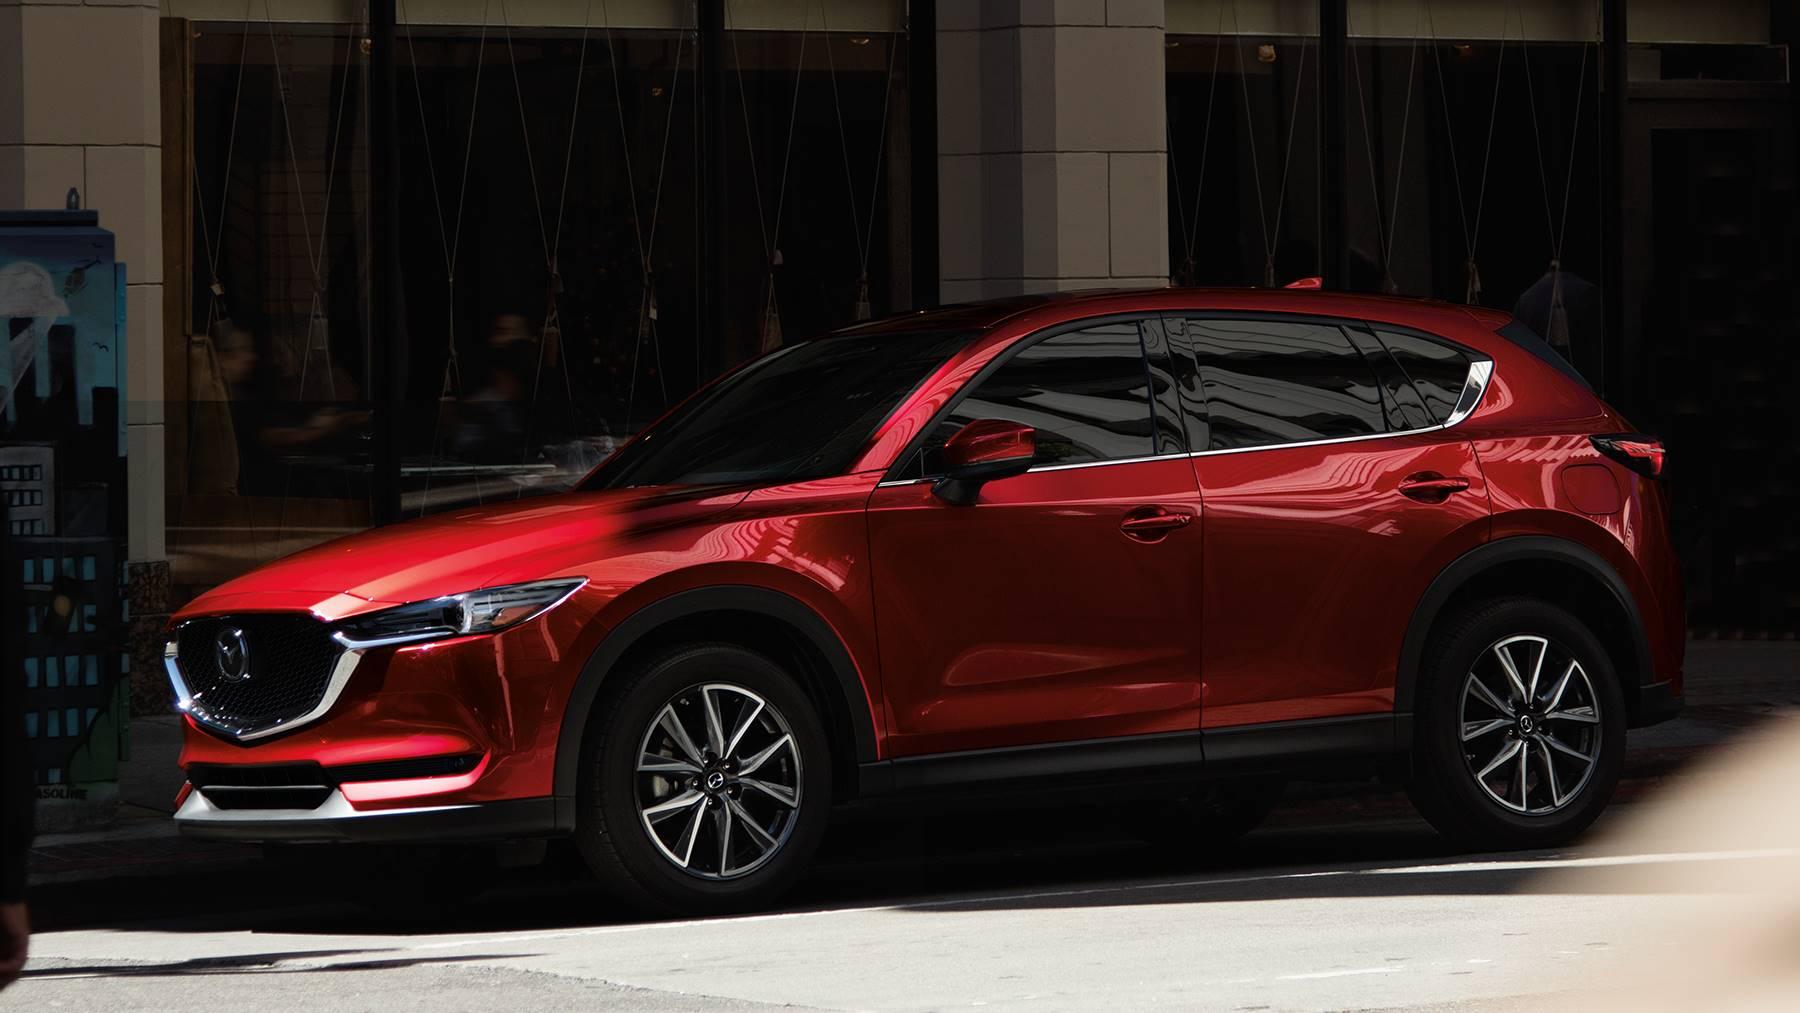 2018 Mazda Cx 5 Vs 2018 Ford Escape Comparison Review By